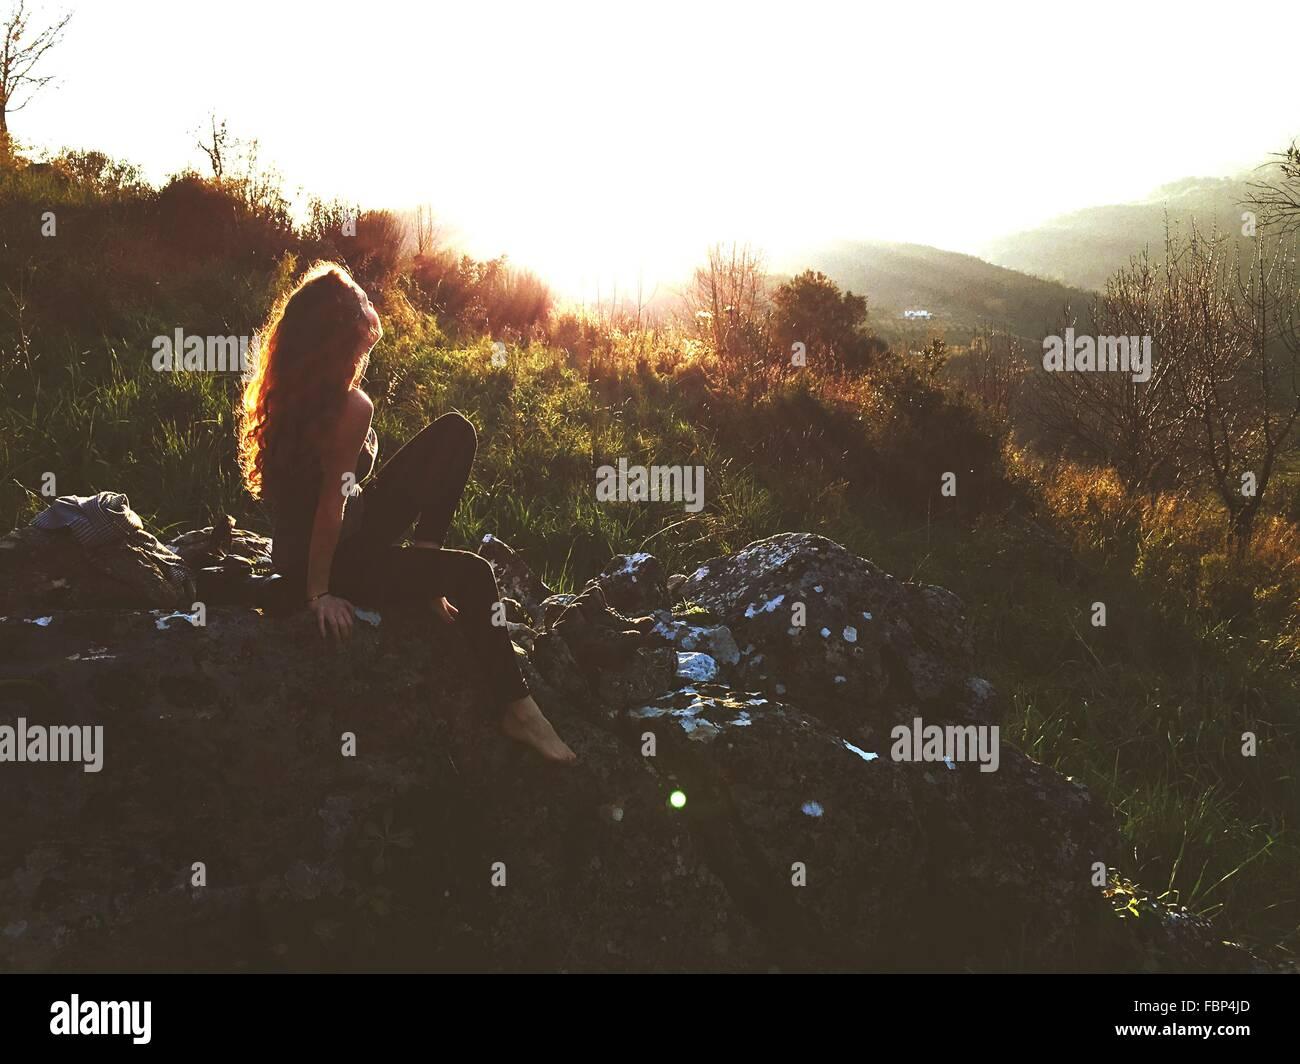 Side-View del joven sentado sobre una roca Imagen De Stock